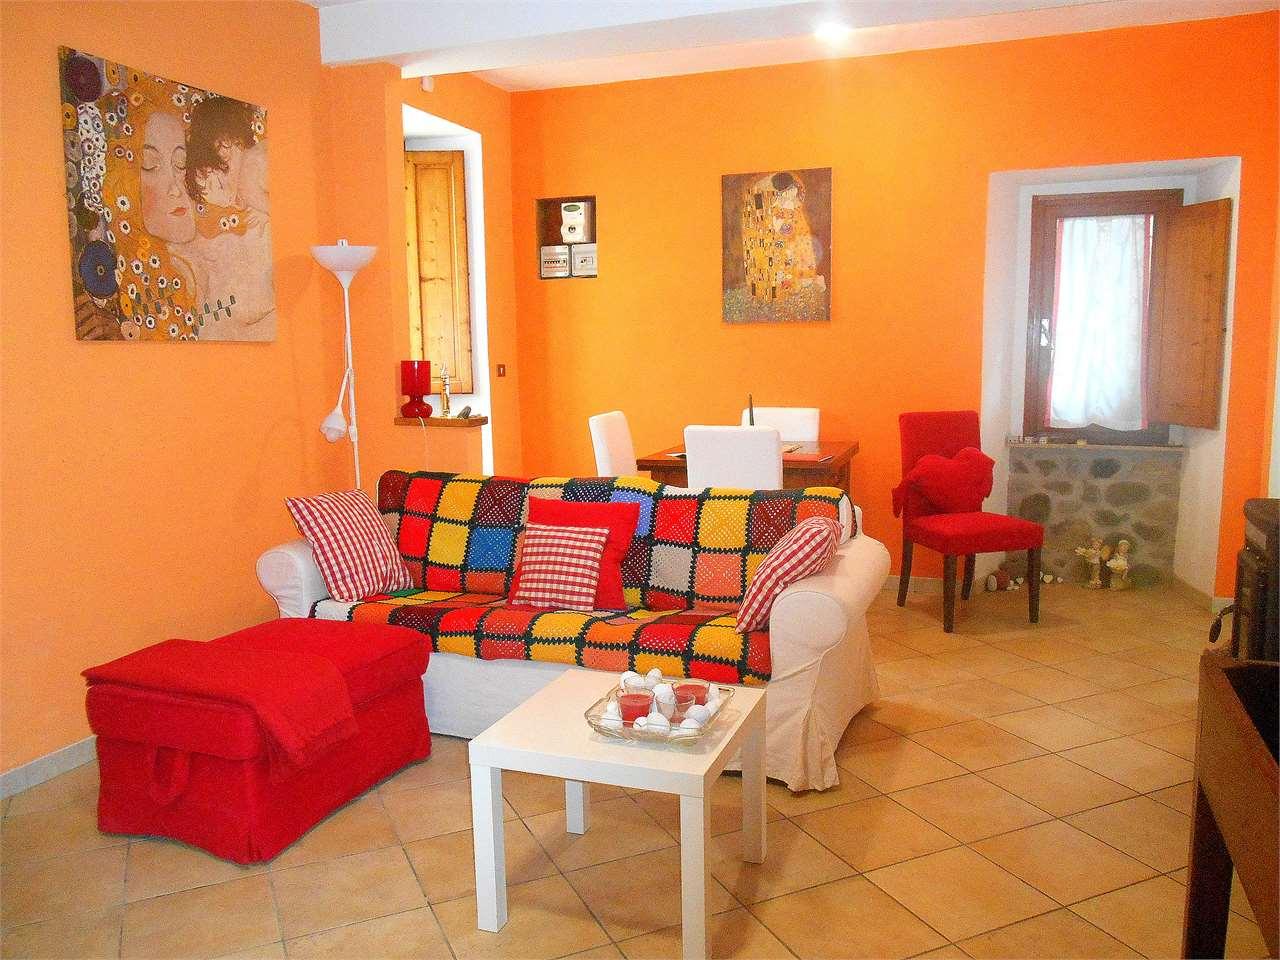 Appartamento in vendita a Borgo a Mozzano, 8 locali, zona Zona: Diecimo, prezzo € 120.000 | Cambio Casa.it